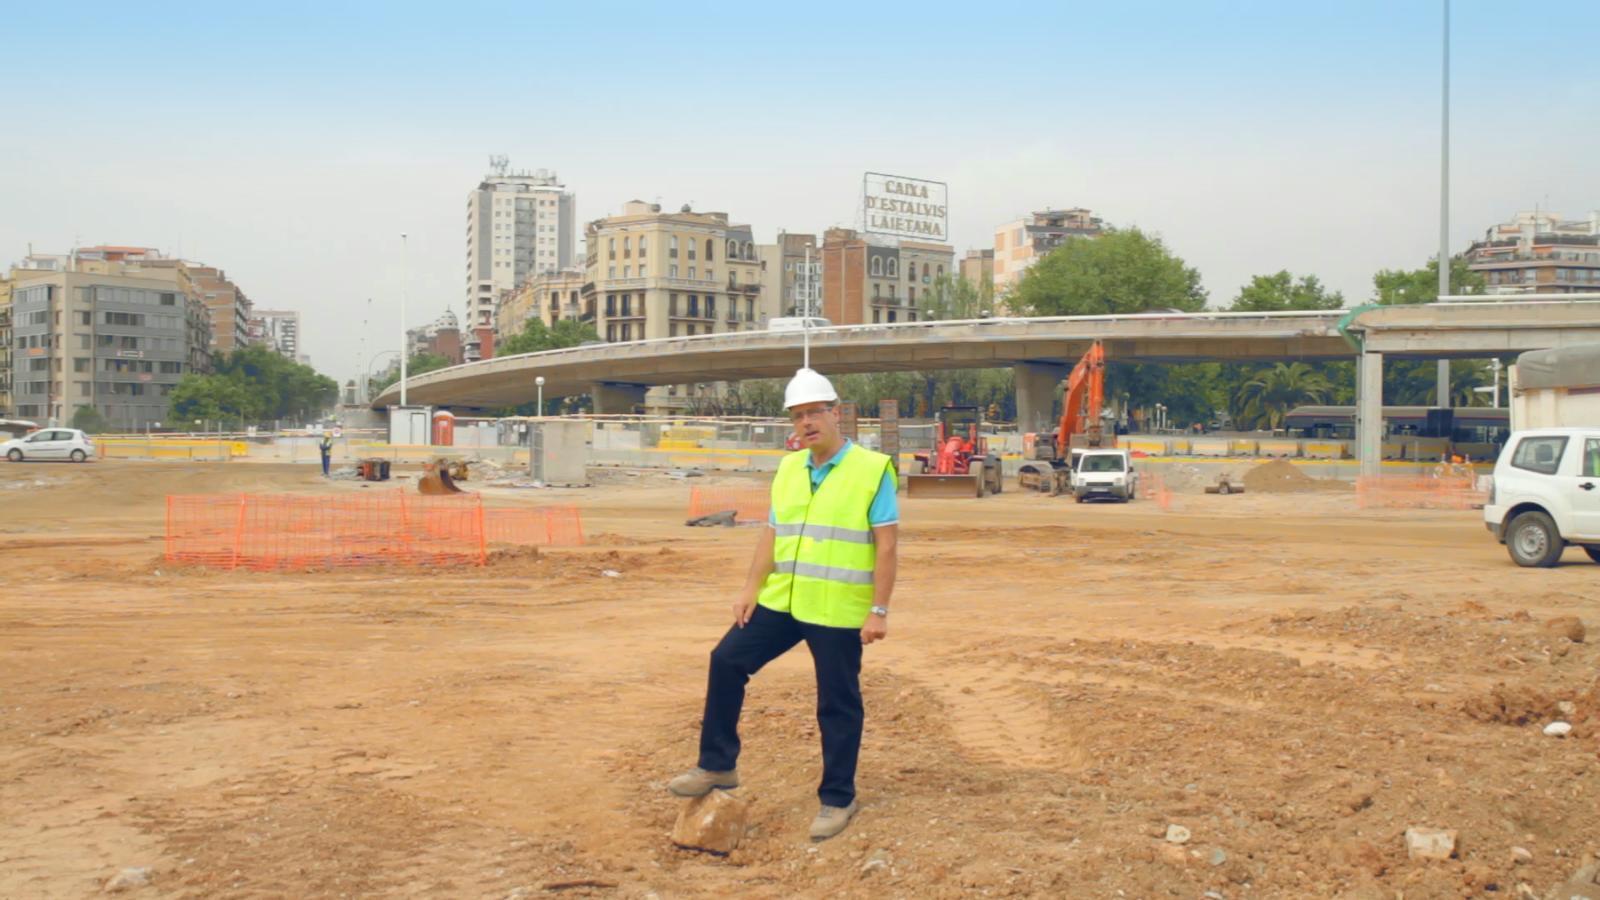 L'enderroc de la plaça de les Glòries explicat per l'enginyer Gerard Estanyol